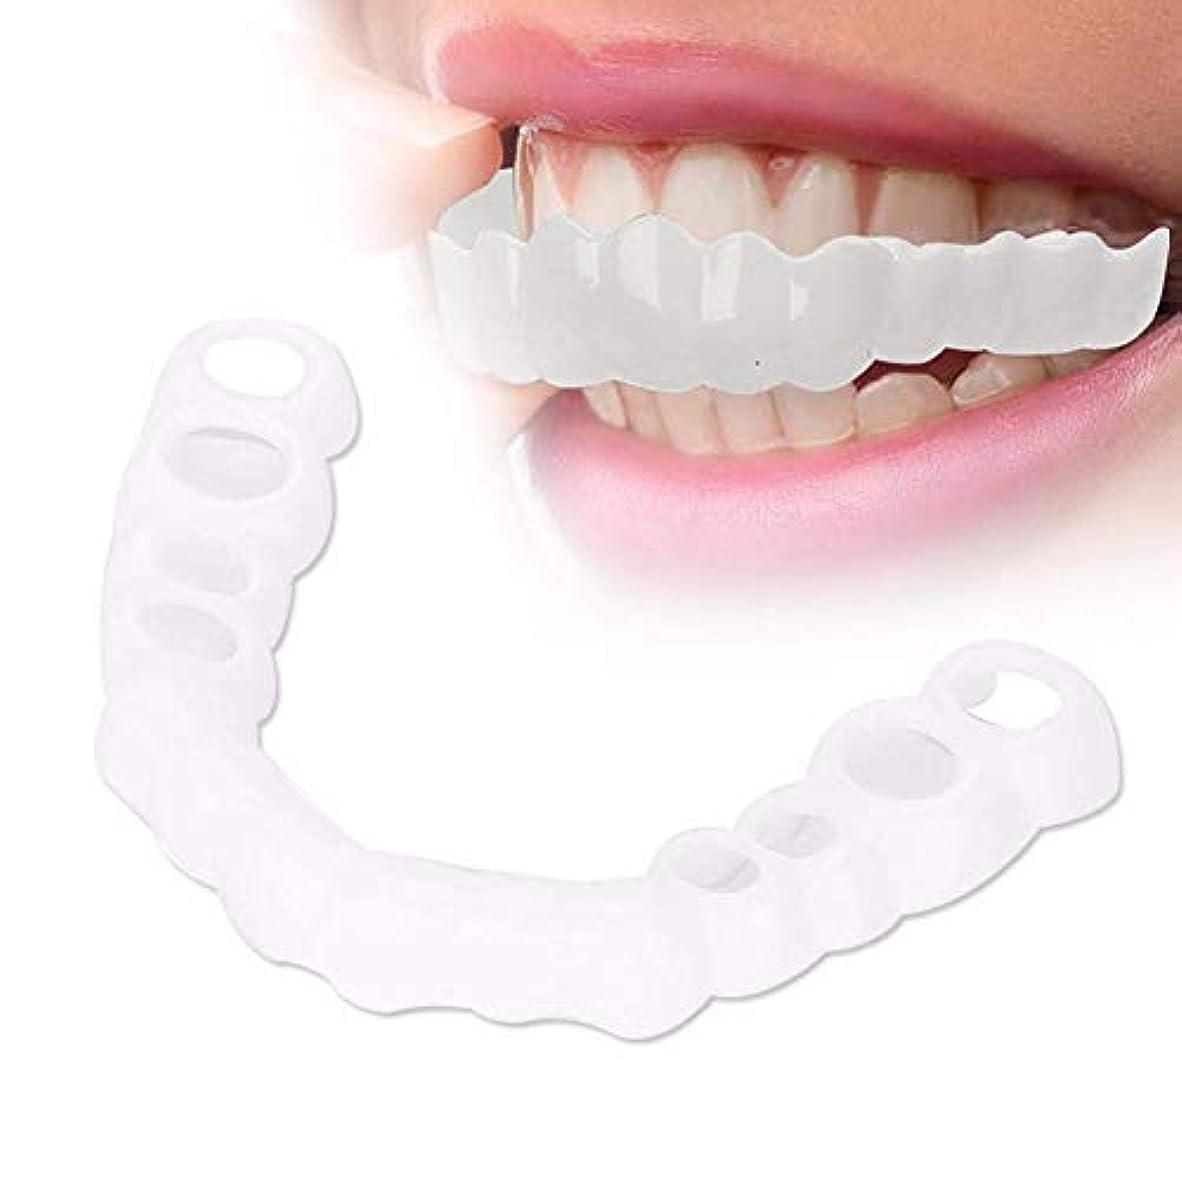 専門化するサリー弾薬一時的な微笑の化粧品の歯義歯のベニヤの歯の歯のベニヤ(上の歯)